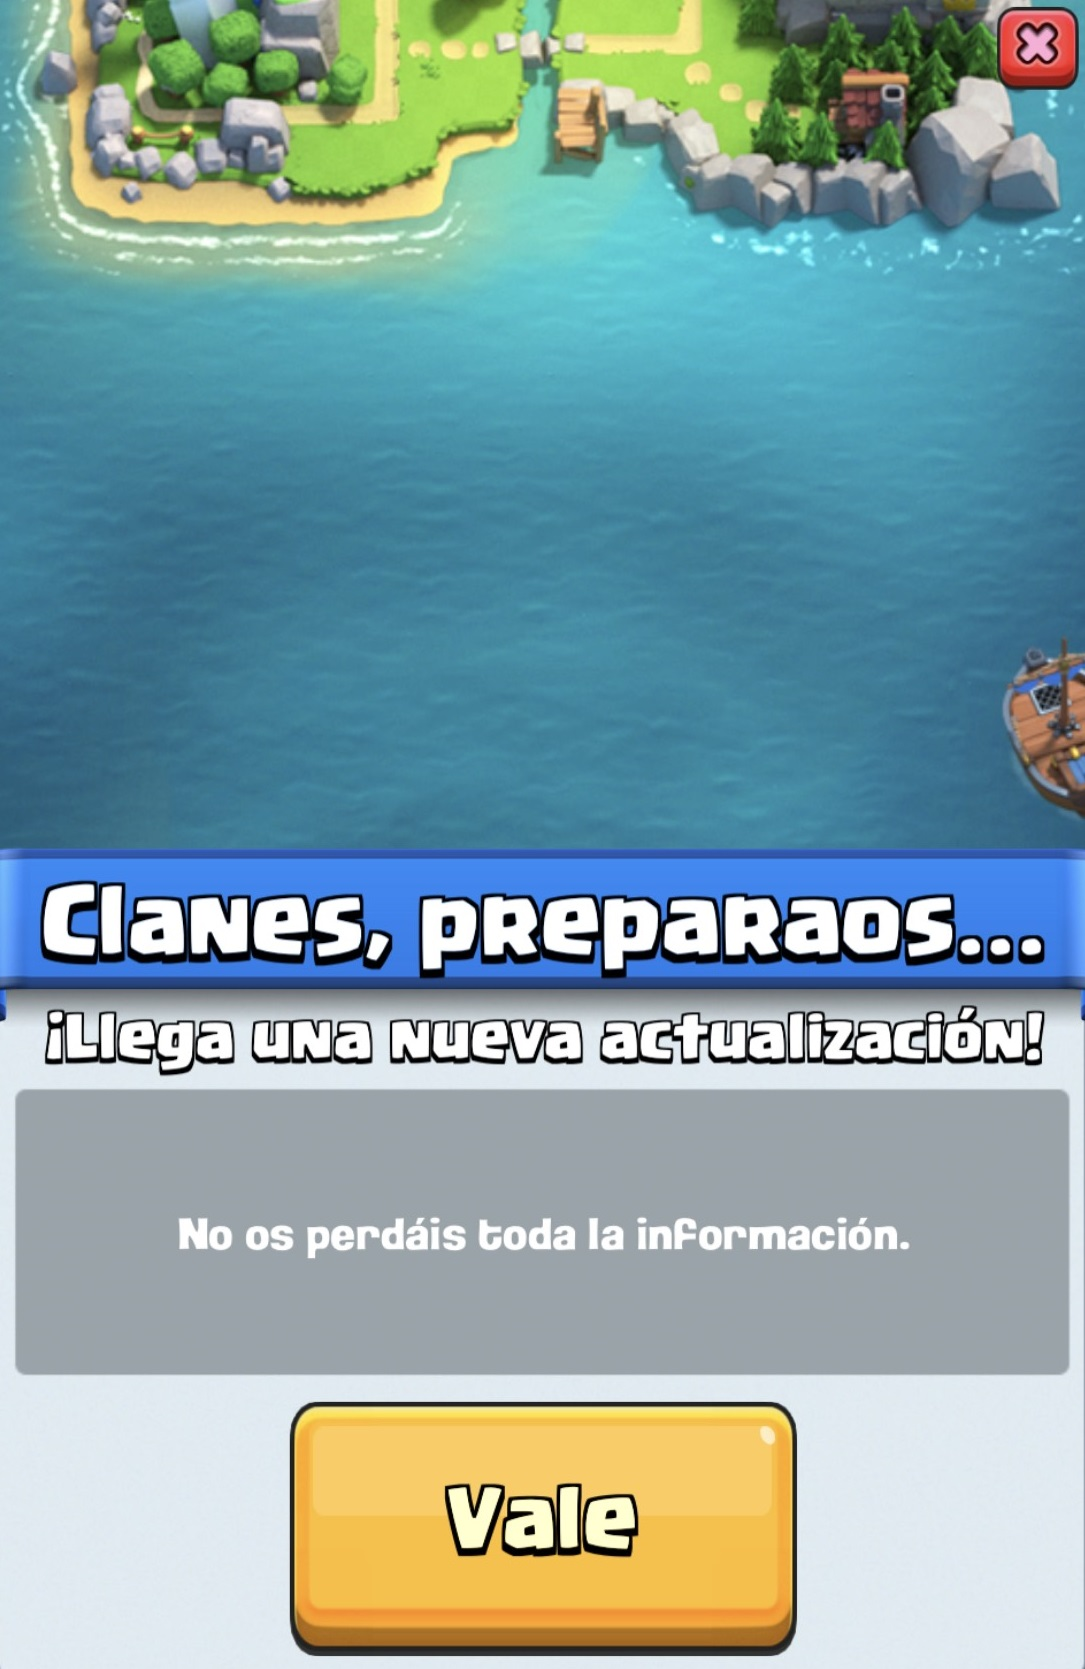 Guerra Clanes